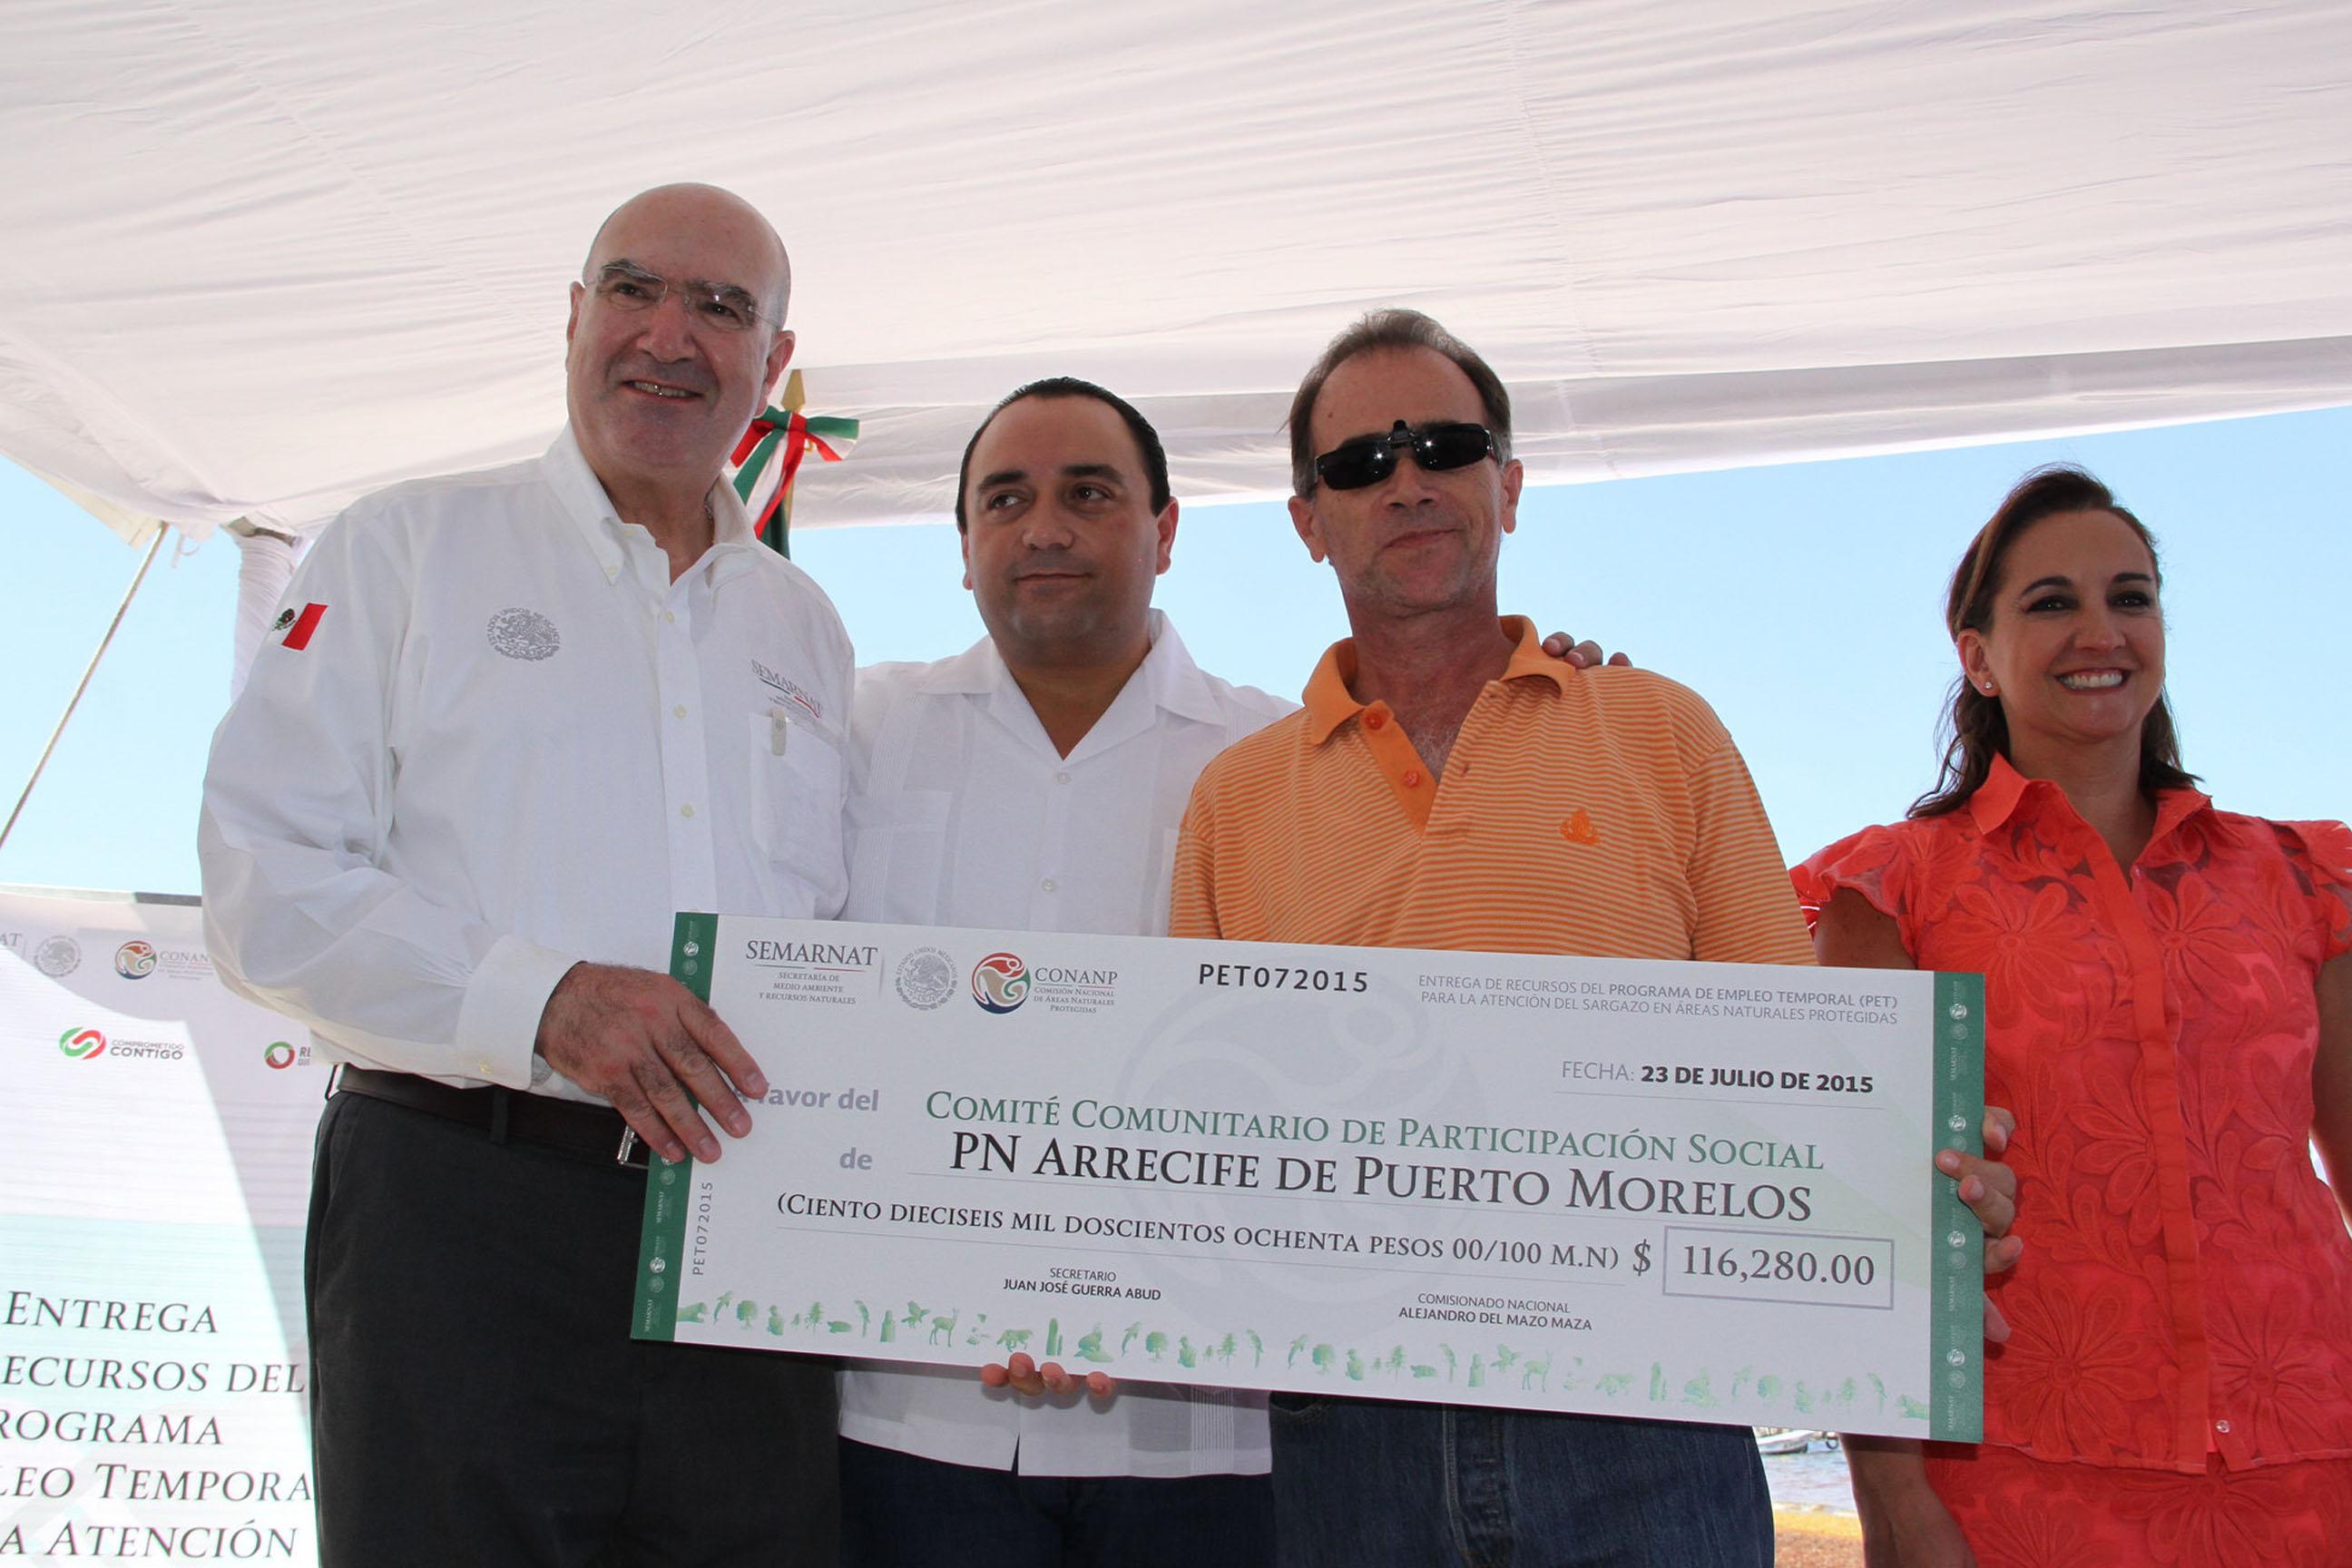 Entrega de recursos a Cancún, Qroo.